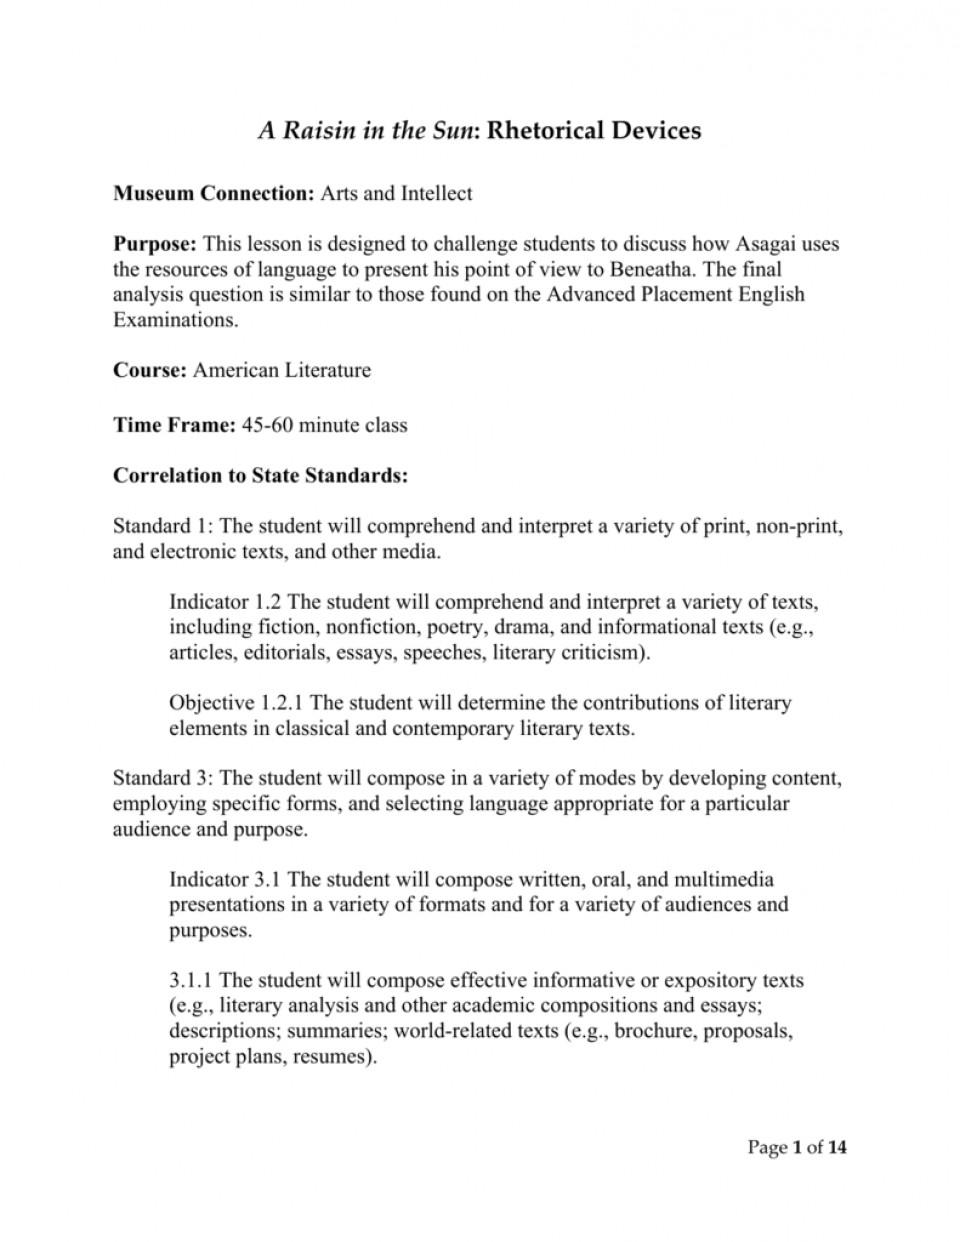 A Raisin In The Sun Essay Topics for Your Paper | TopicsMill